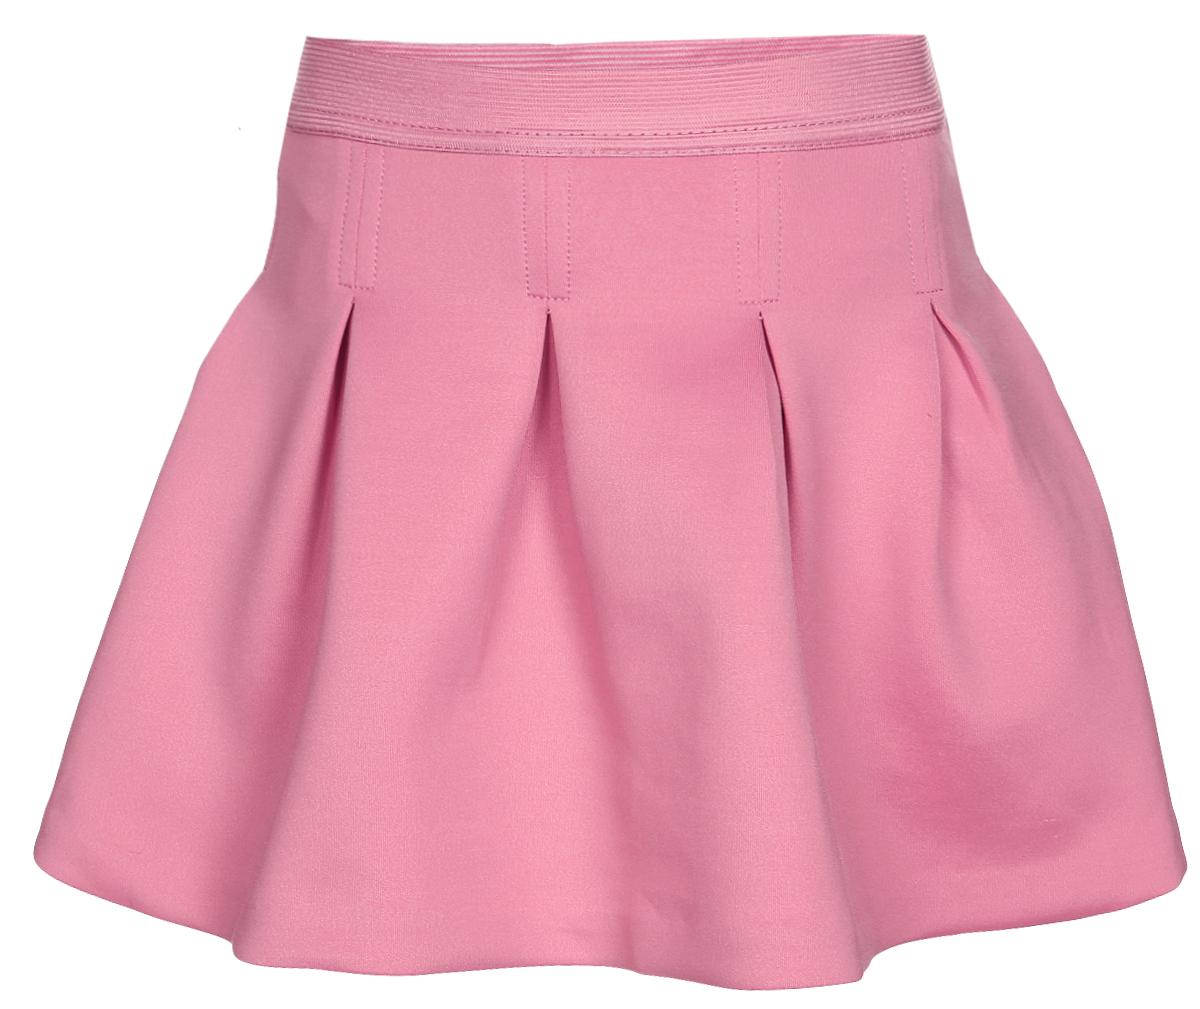 ЮбкаSK-518/059-7110Короткая юбка-клеш для девочки Sela выполнена из плотного эластичного полиэстера. Юбка дополнена широкой эластичной резинкой на поясе и оснащена подъюбником из хлопка. Модель оформлена декоративными встречными складками.